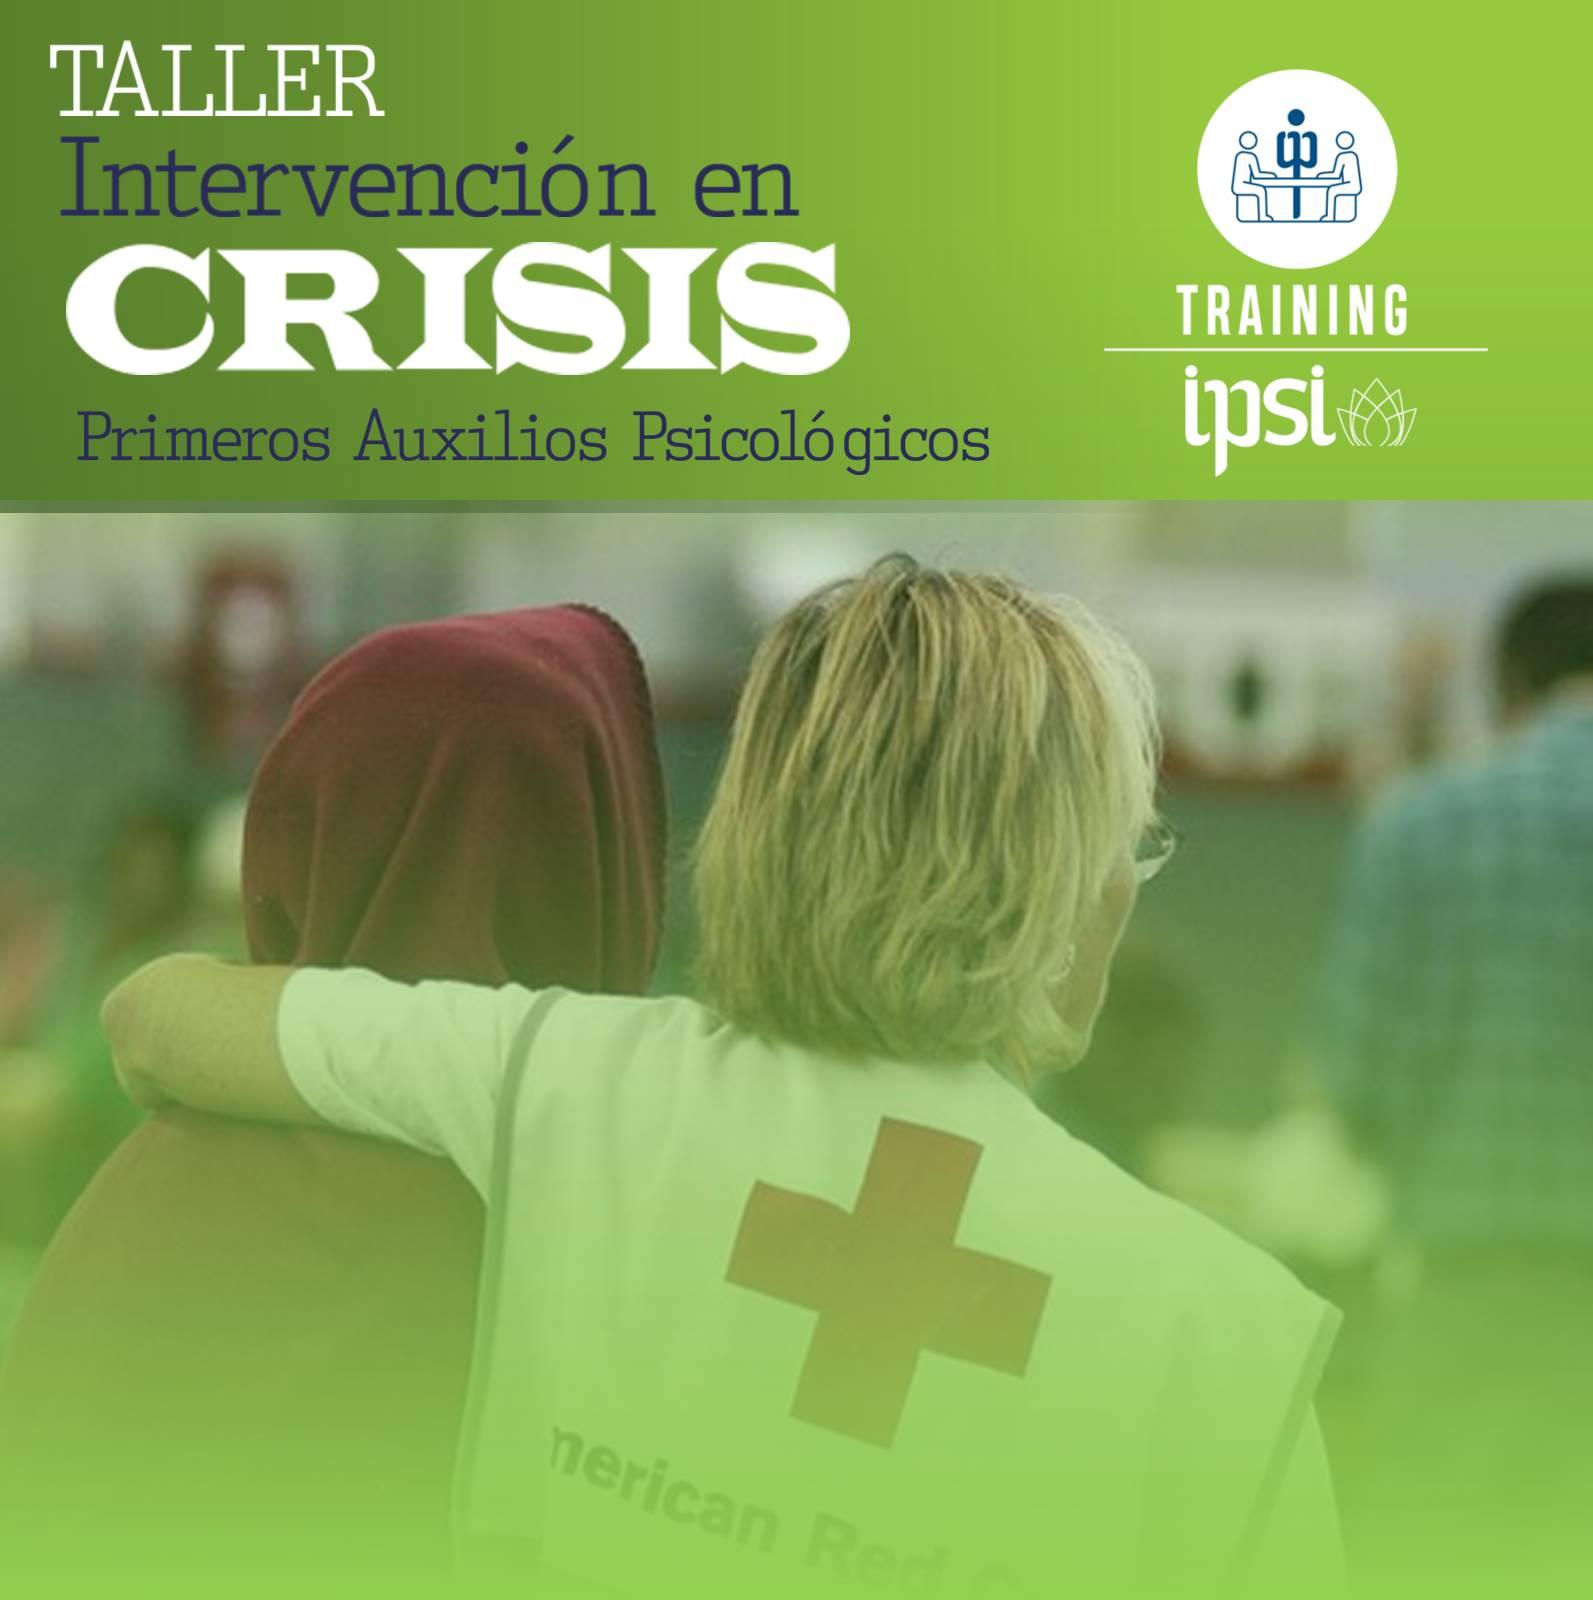 Intervención Crisis 2019 imagen chica